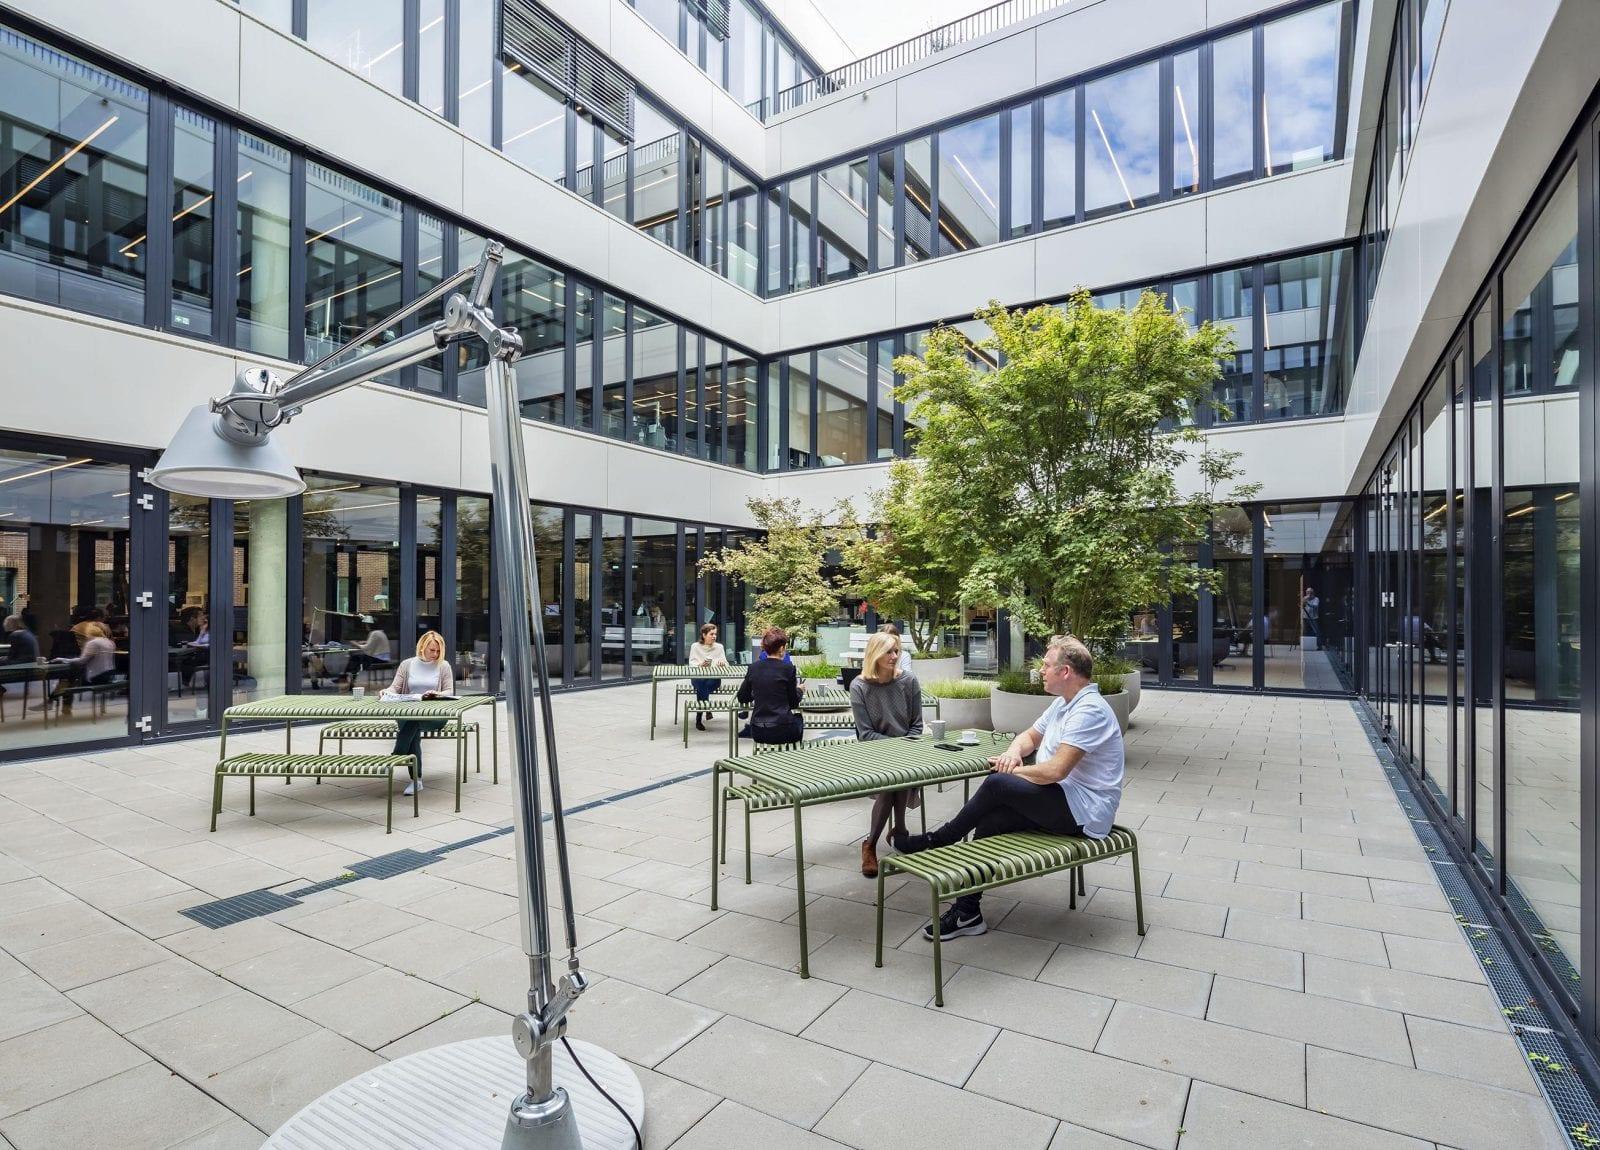 Der zentrale Innenhof bietet im Sommer Platz für die Mittagspause oder kleinere Veranstaltungen (HPP Architekten / Foto: Ralph Richter)